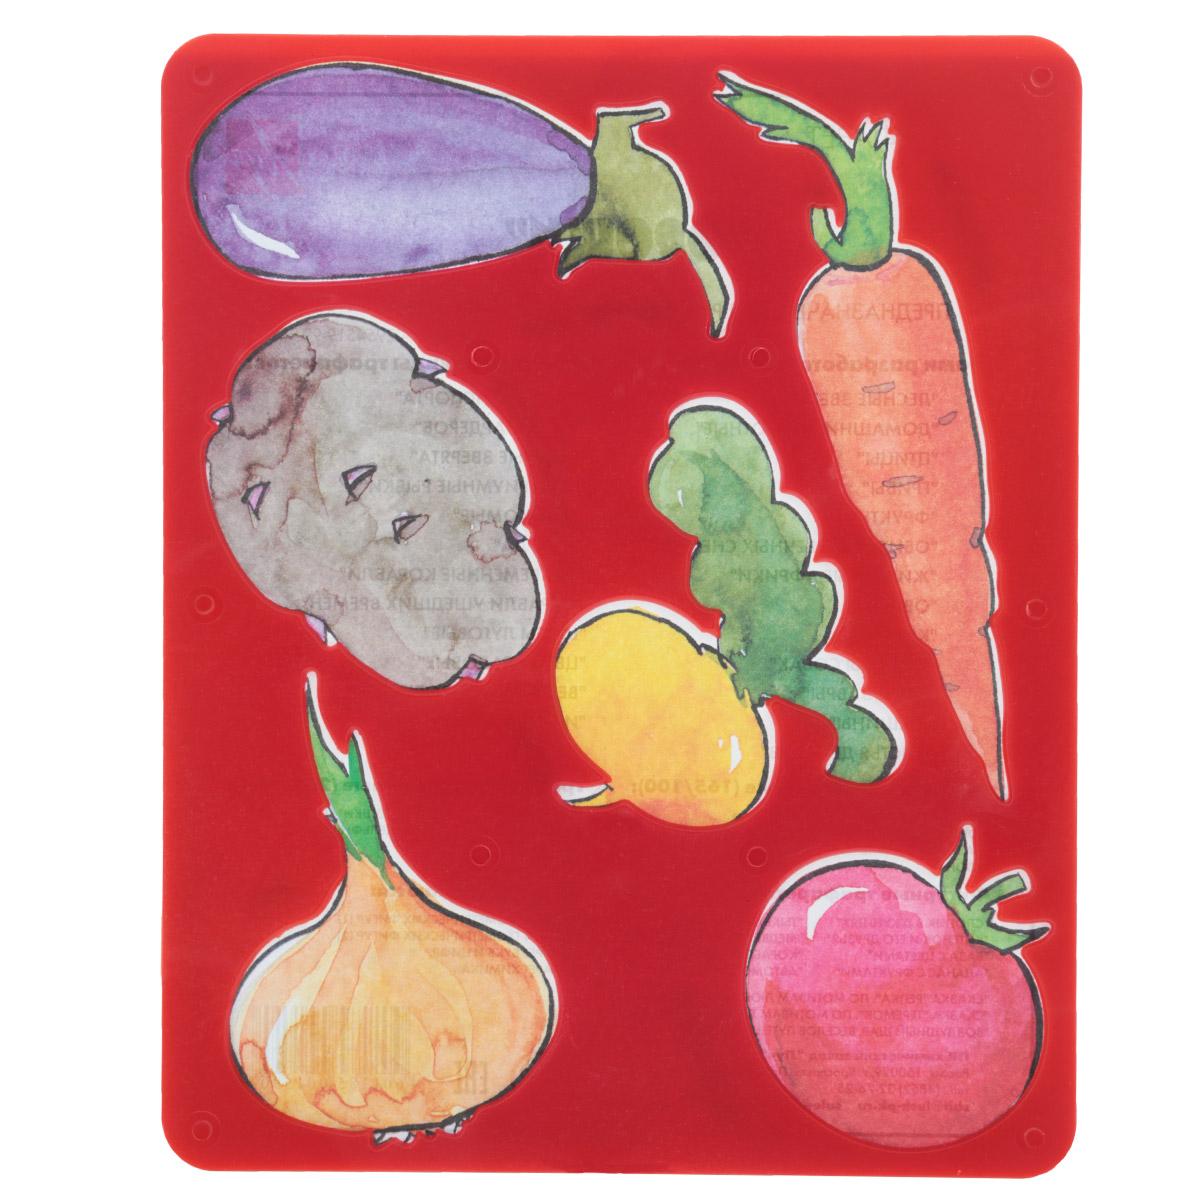 Луч Трафарет прорезной Овощи9С 487-08Трафарет Луч Овощи, выполненный из безопасного пластика, предназначен для детского творчества. По трафарету маленький художник сможет нарисовать и отдельные плоды , и композиции из них. Для этого необходимо положить трафарет на лист бумаги, обвести фигуру по контуру и раскрасить по своему вкусу или глядя на цветную картинку-образец. Трафареты предназначены для развития у детей мелкой моторики и зрительно-двигательной координации, навыков художественной композиции и зрительного восприятия.